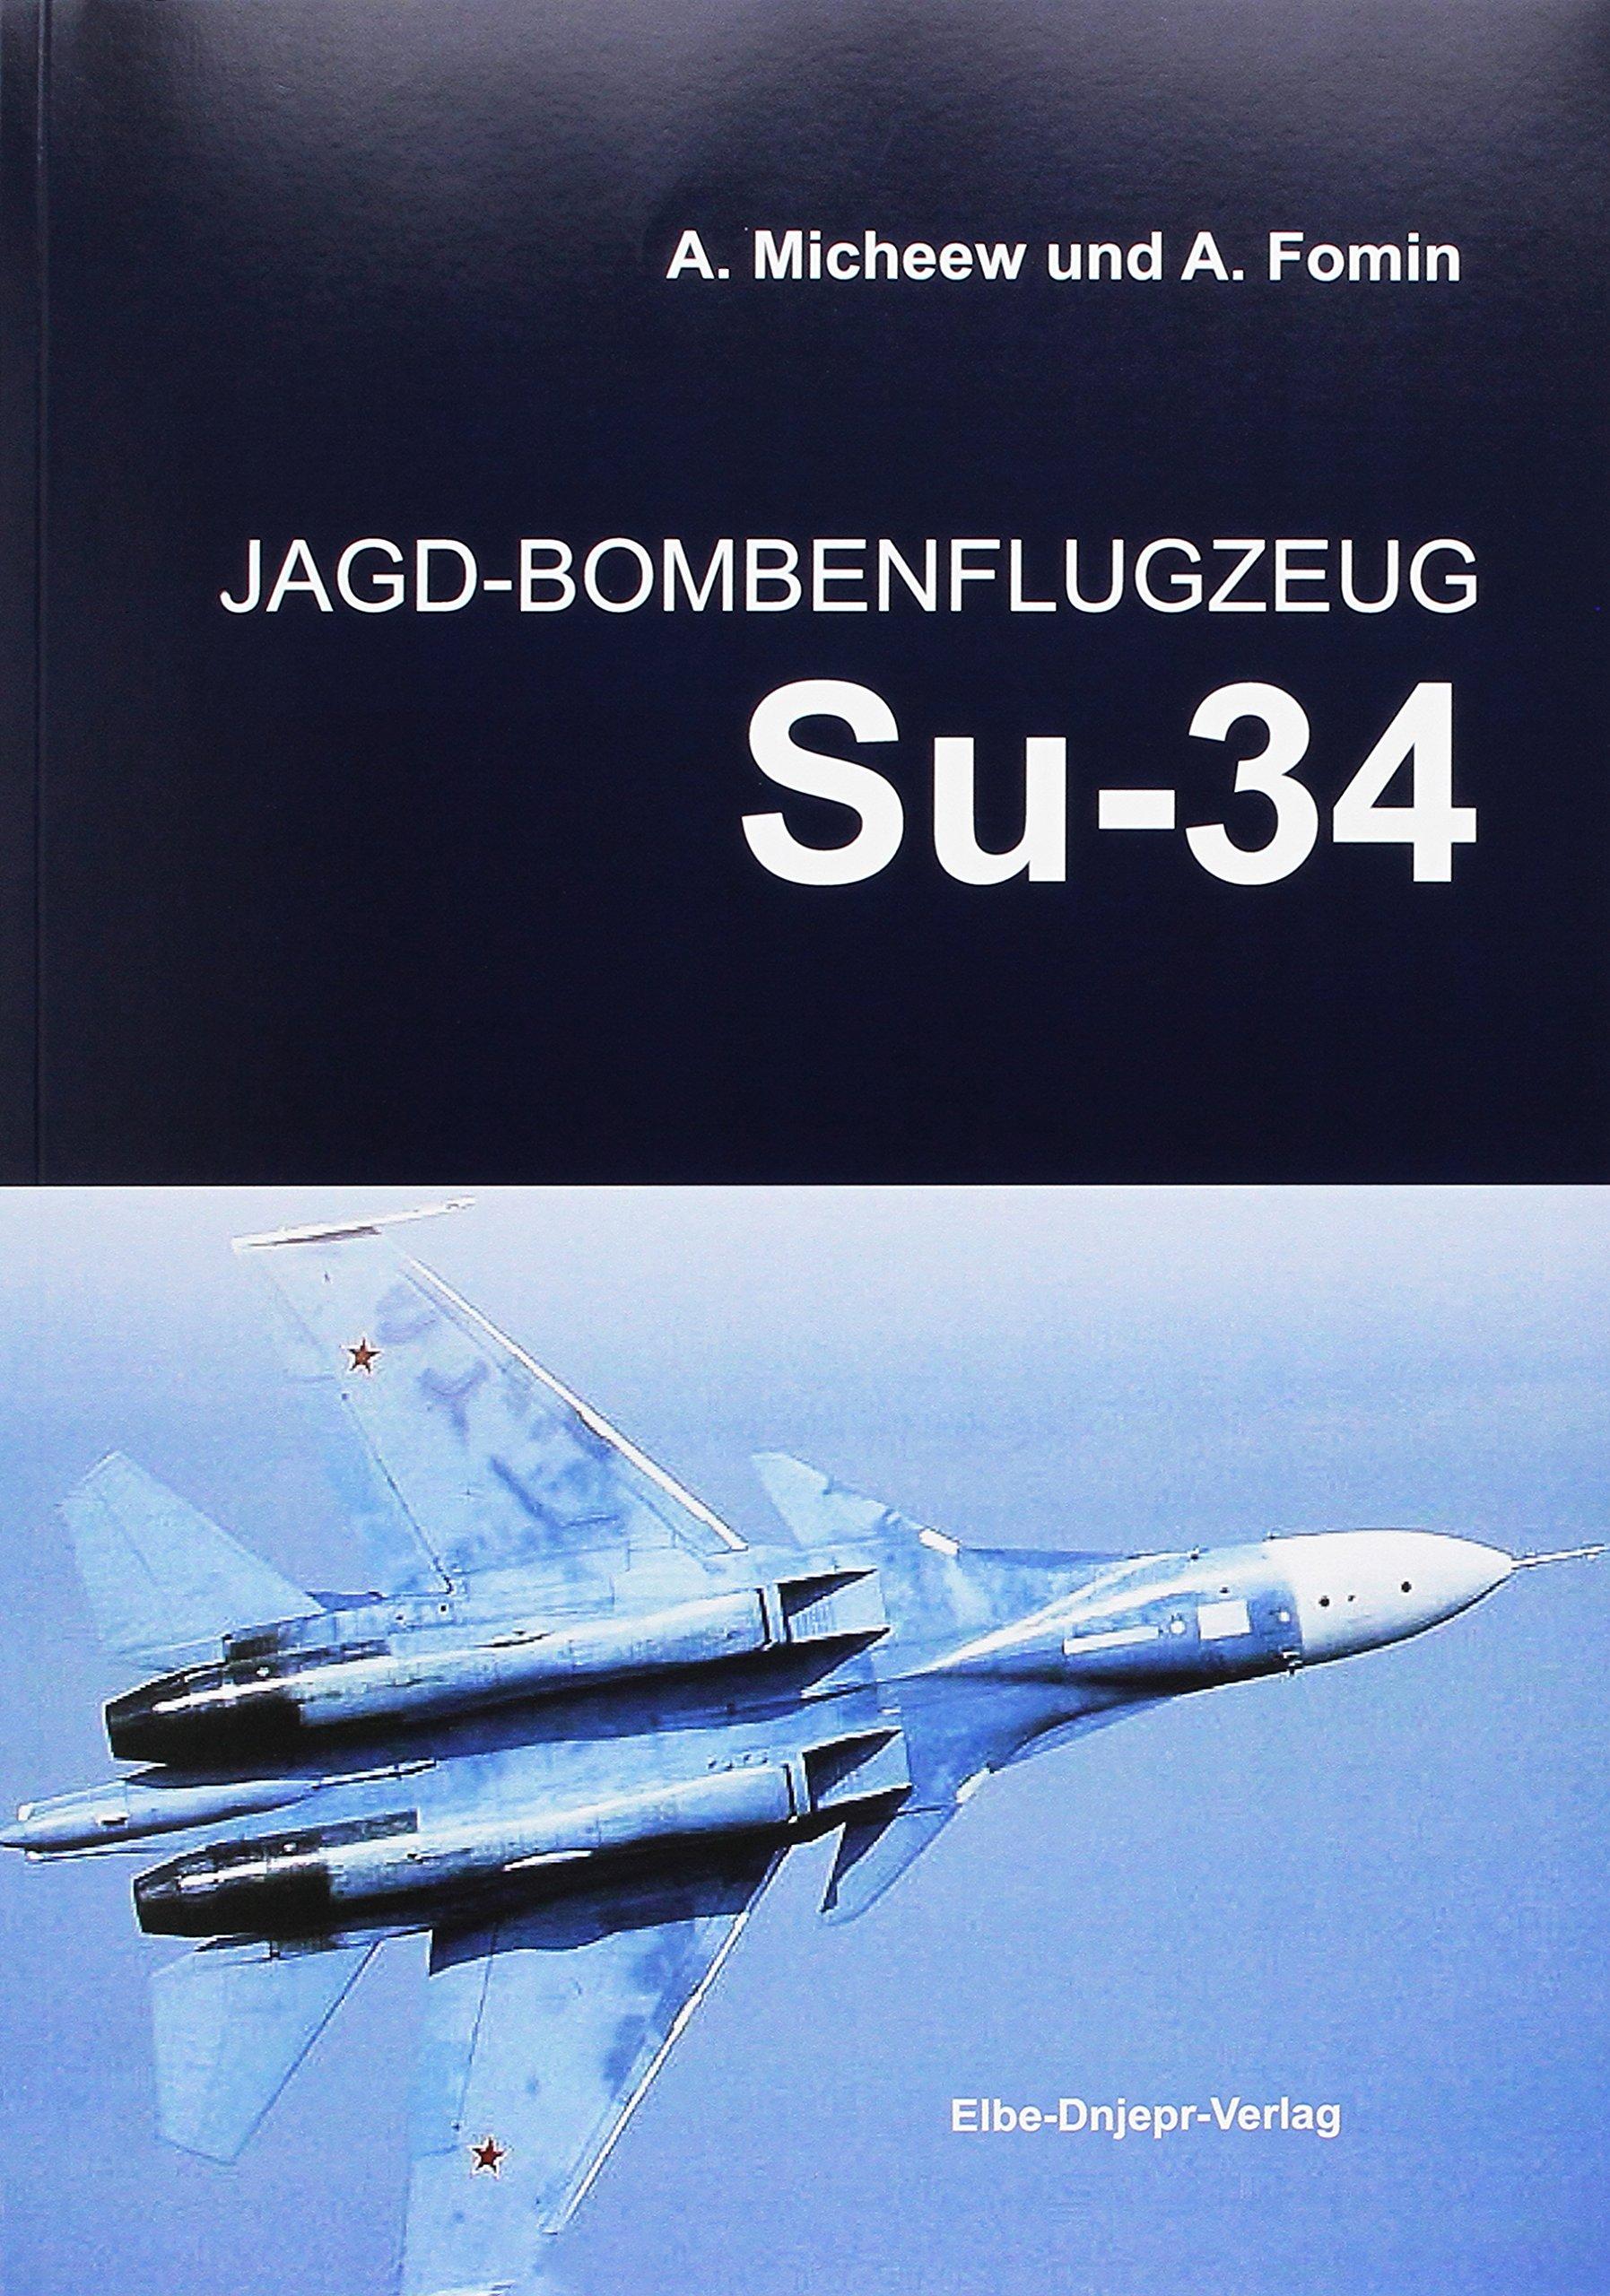 Jagdbombenflugzeug Su-34